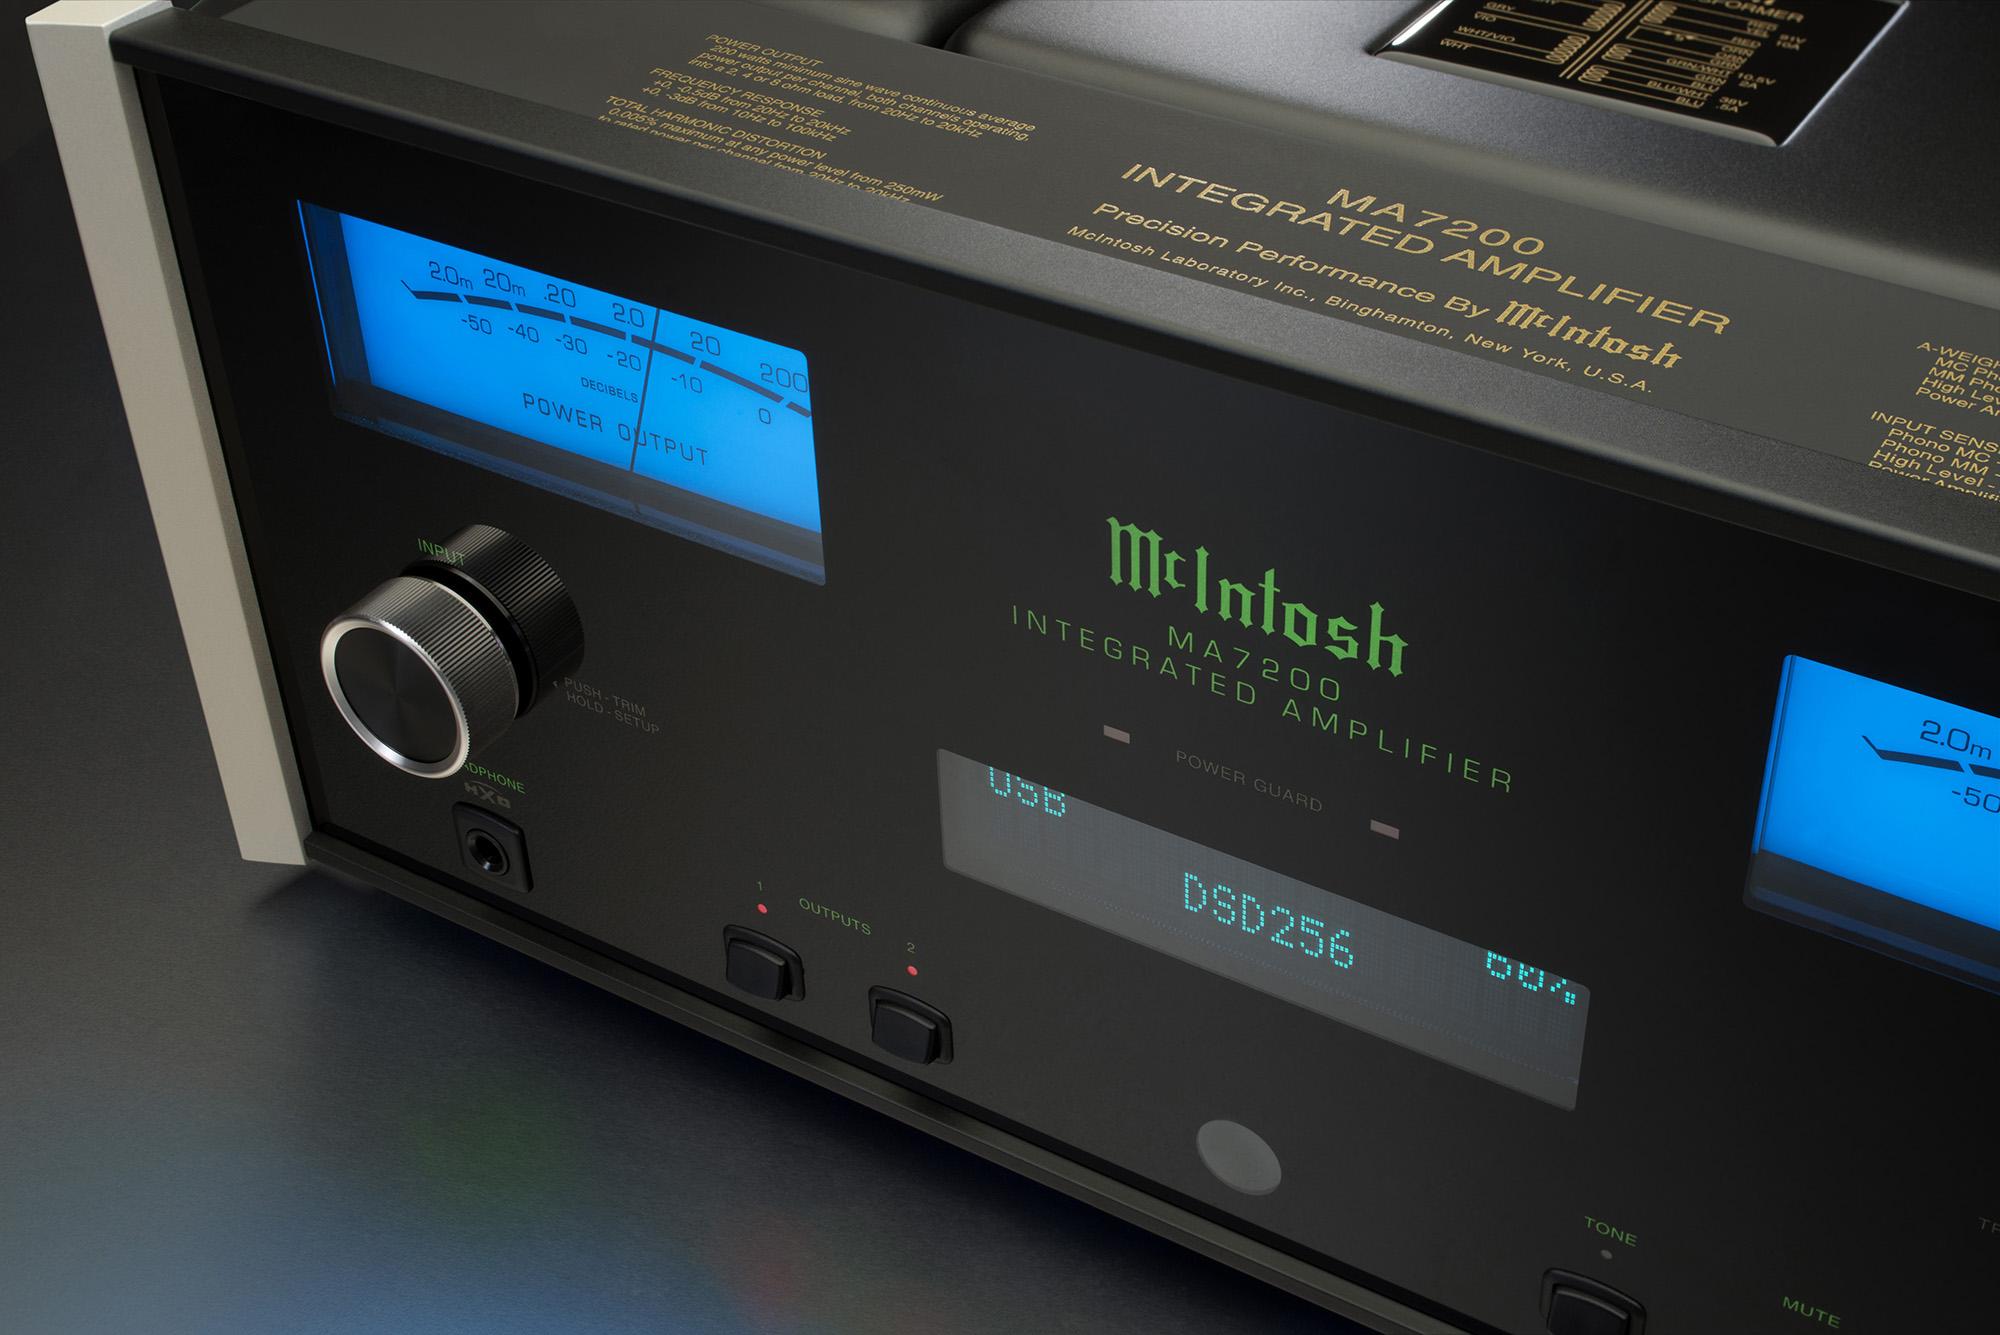 McIntosh MA7200 Integrated Amplifier